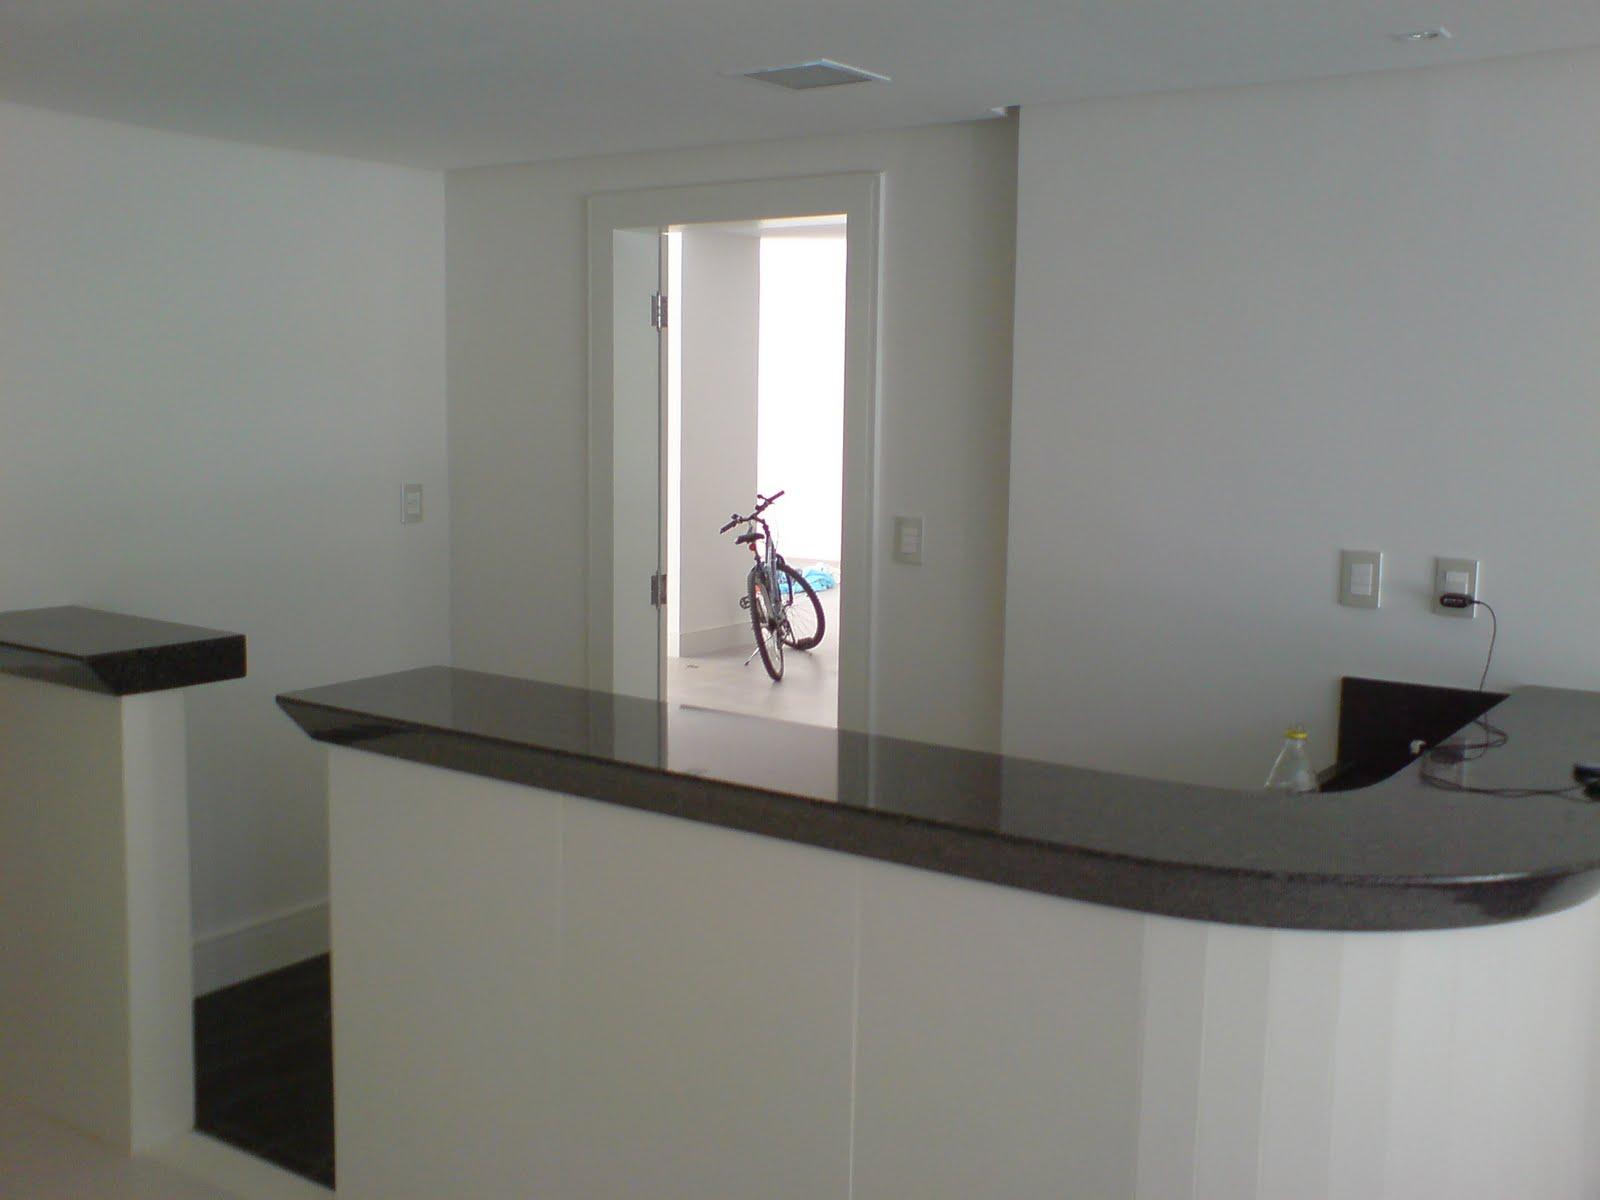 cozinha planejada com balcao de granito #605D51 1600 1200